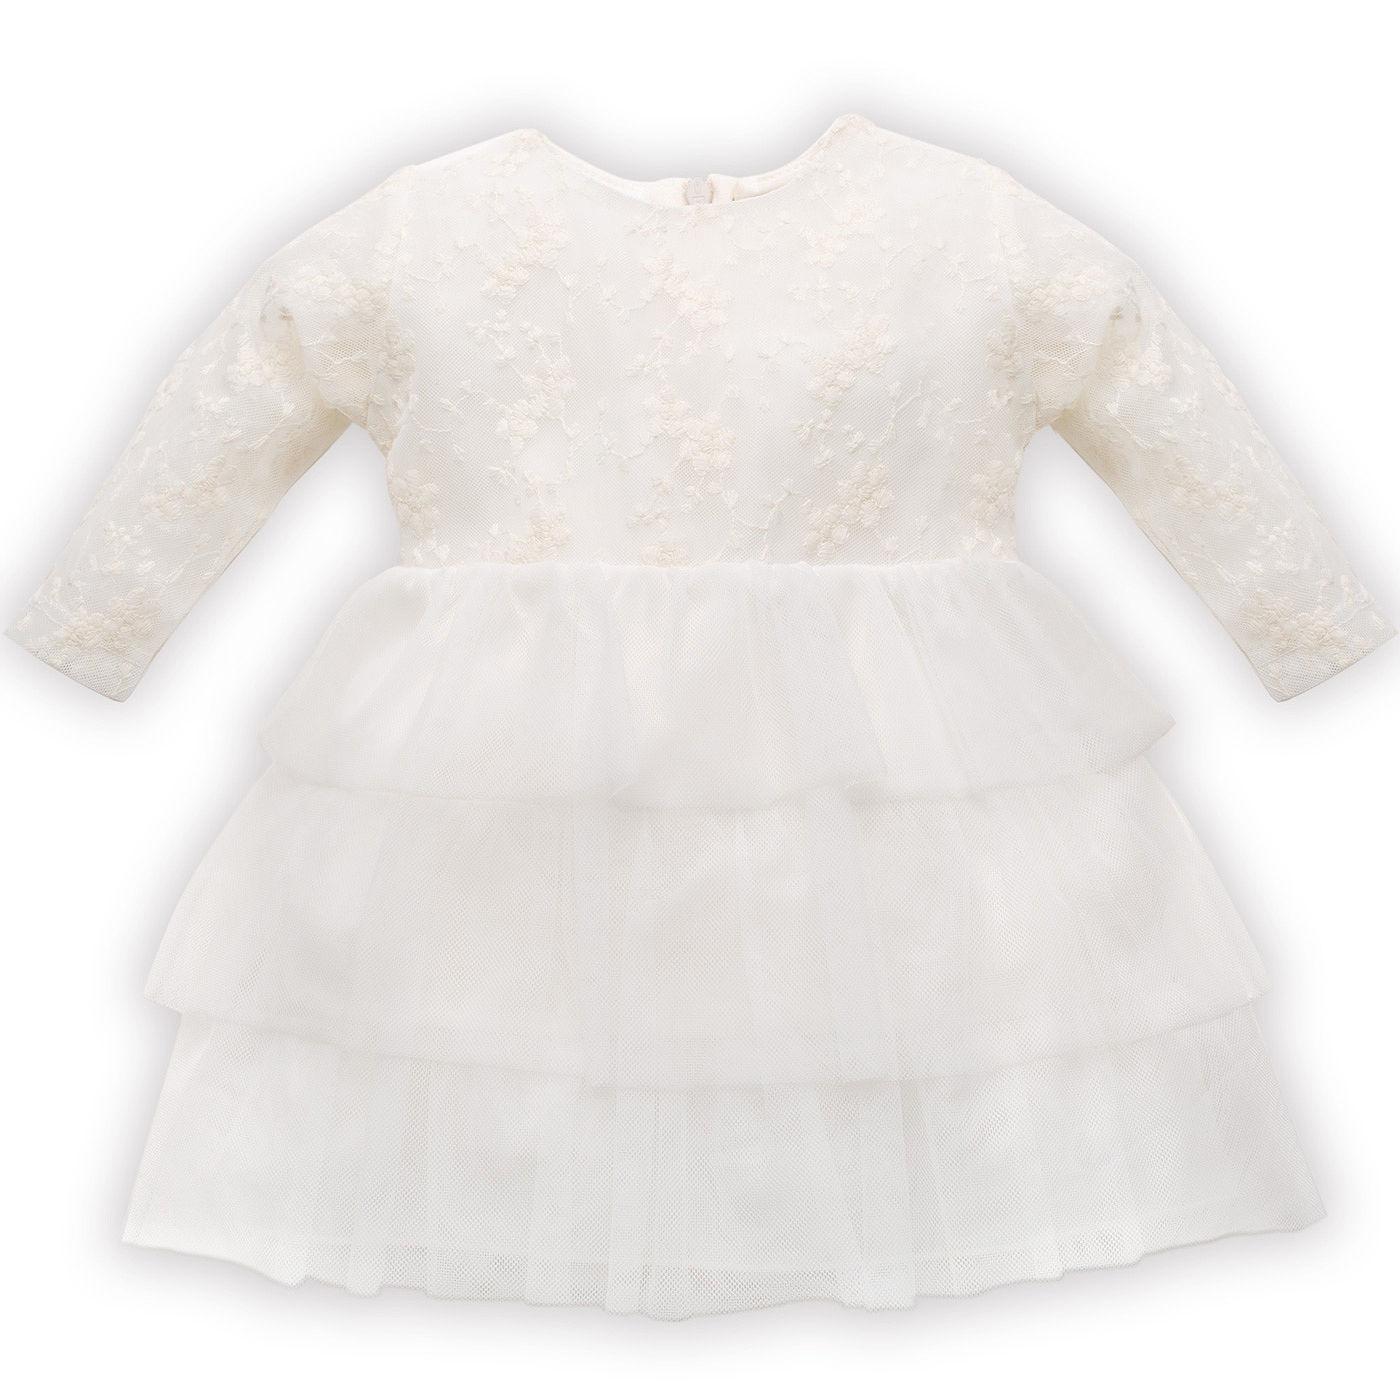 d53bd8d40e Pinokio sukienka koronkowa PRINCESS w kolorze ecru rozmiary 68-98 cm